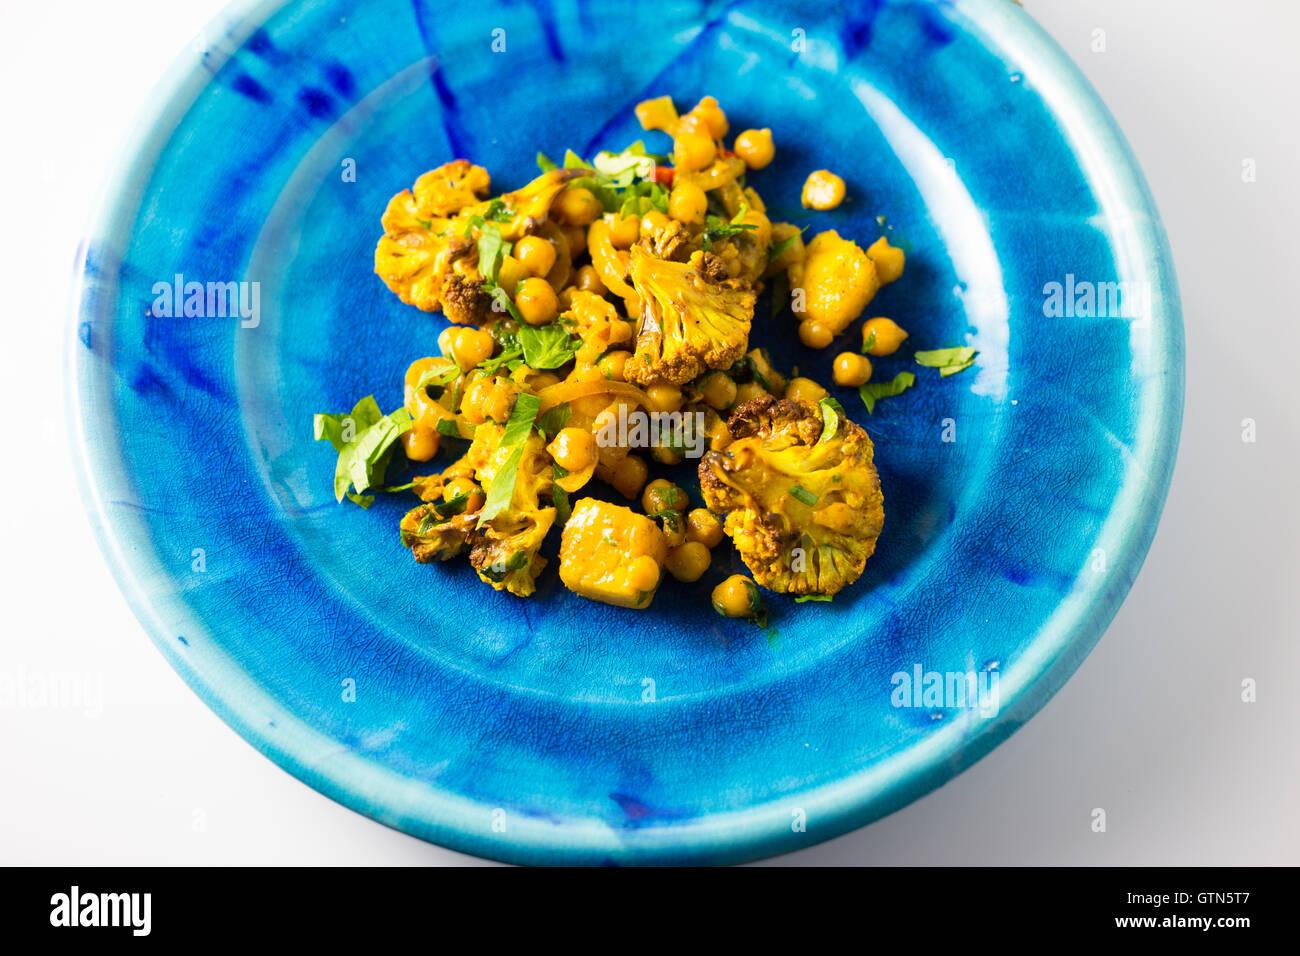 Roast cauliflower salad - Stock Image